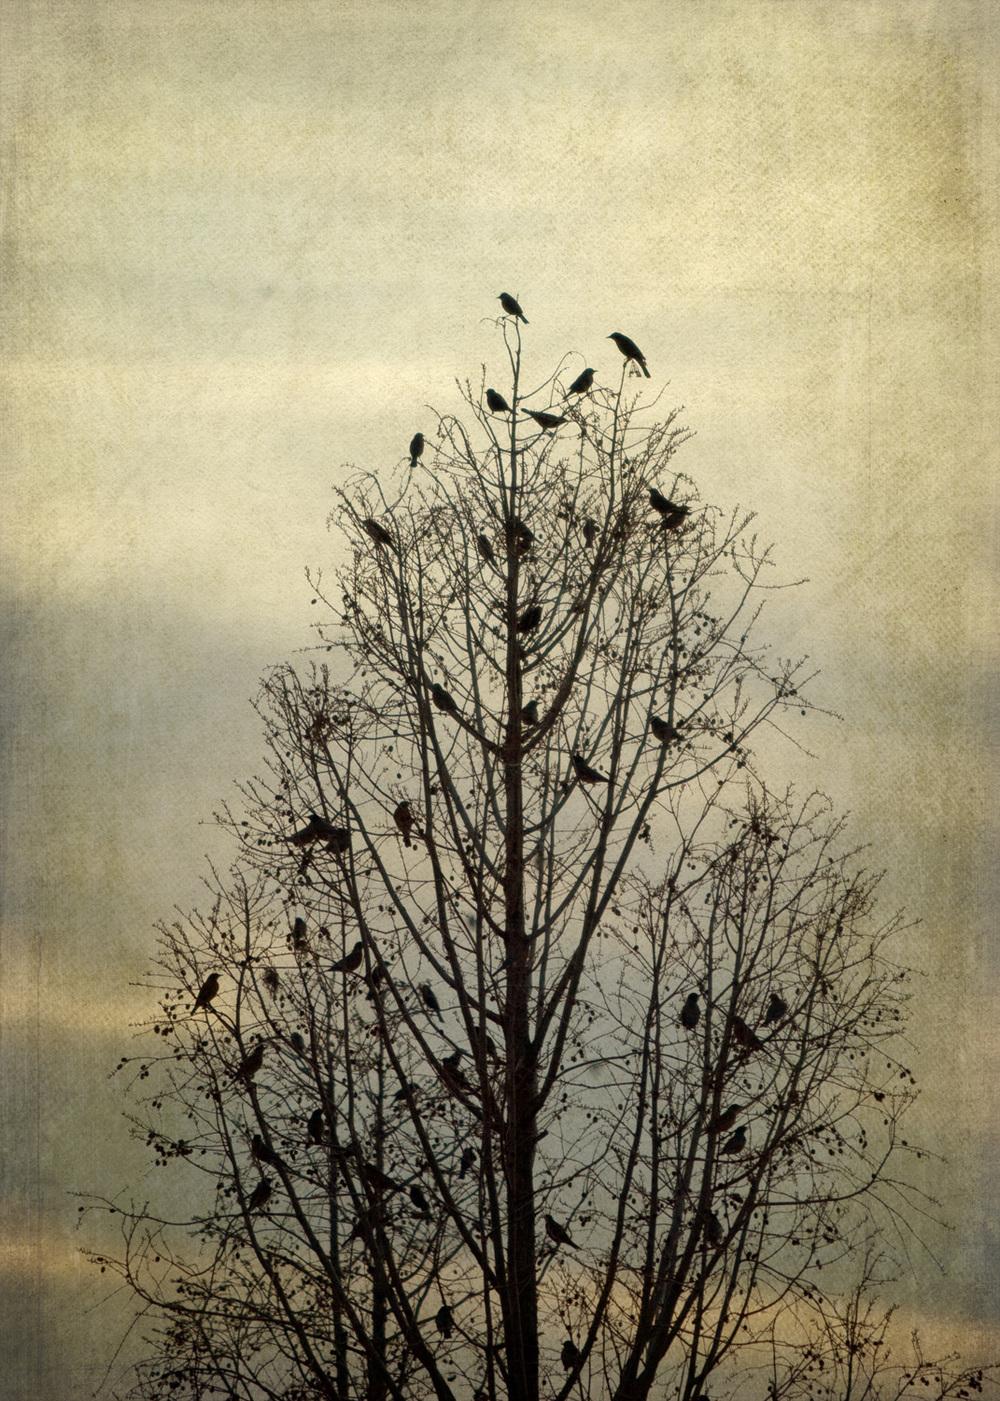 birds_at_dusk_11-7x5-7328.jpg